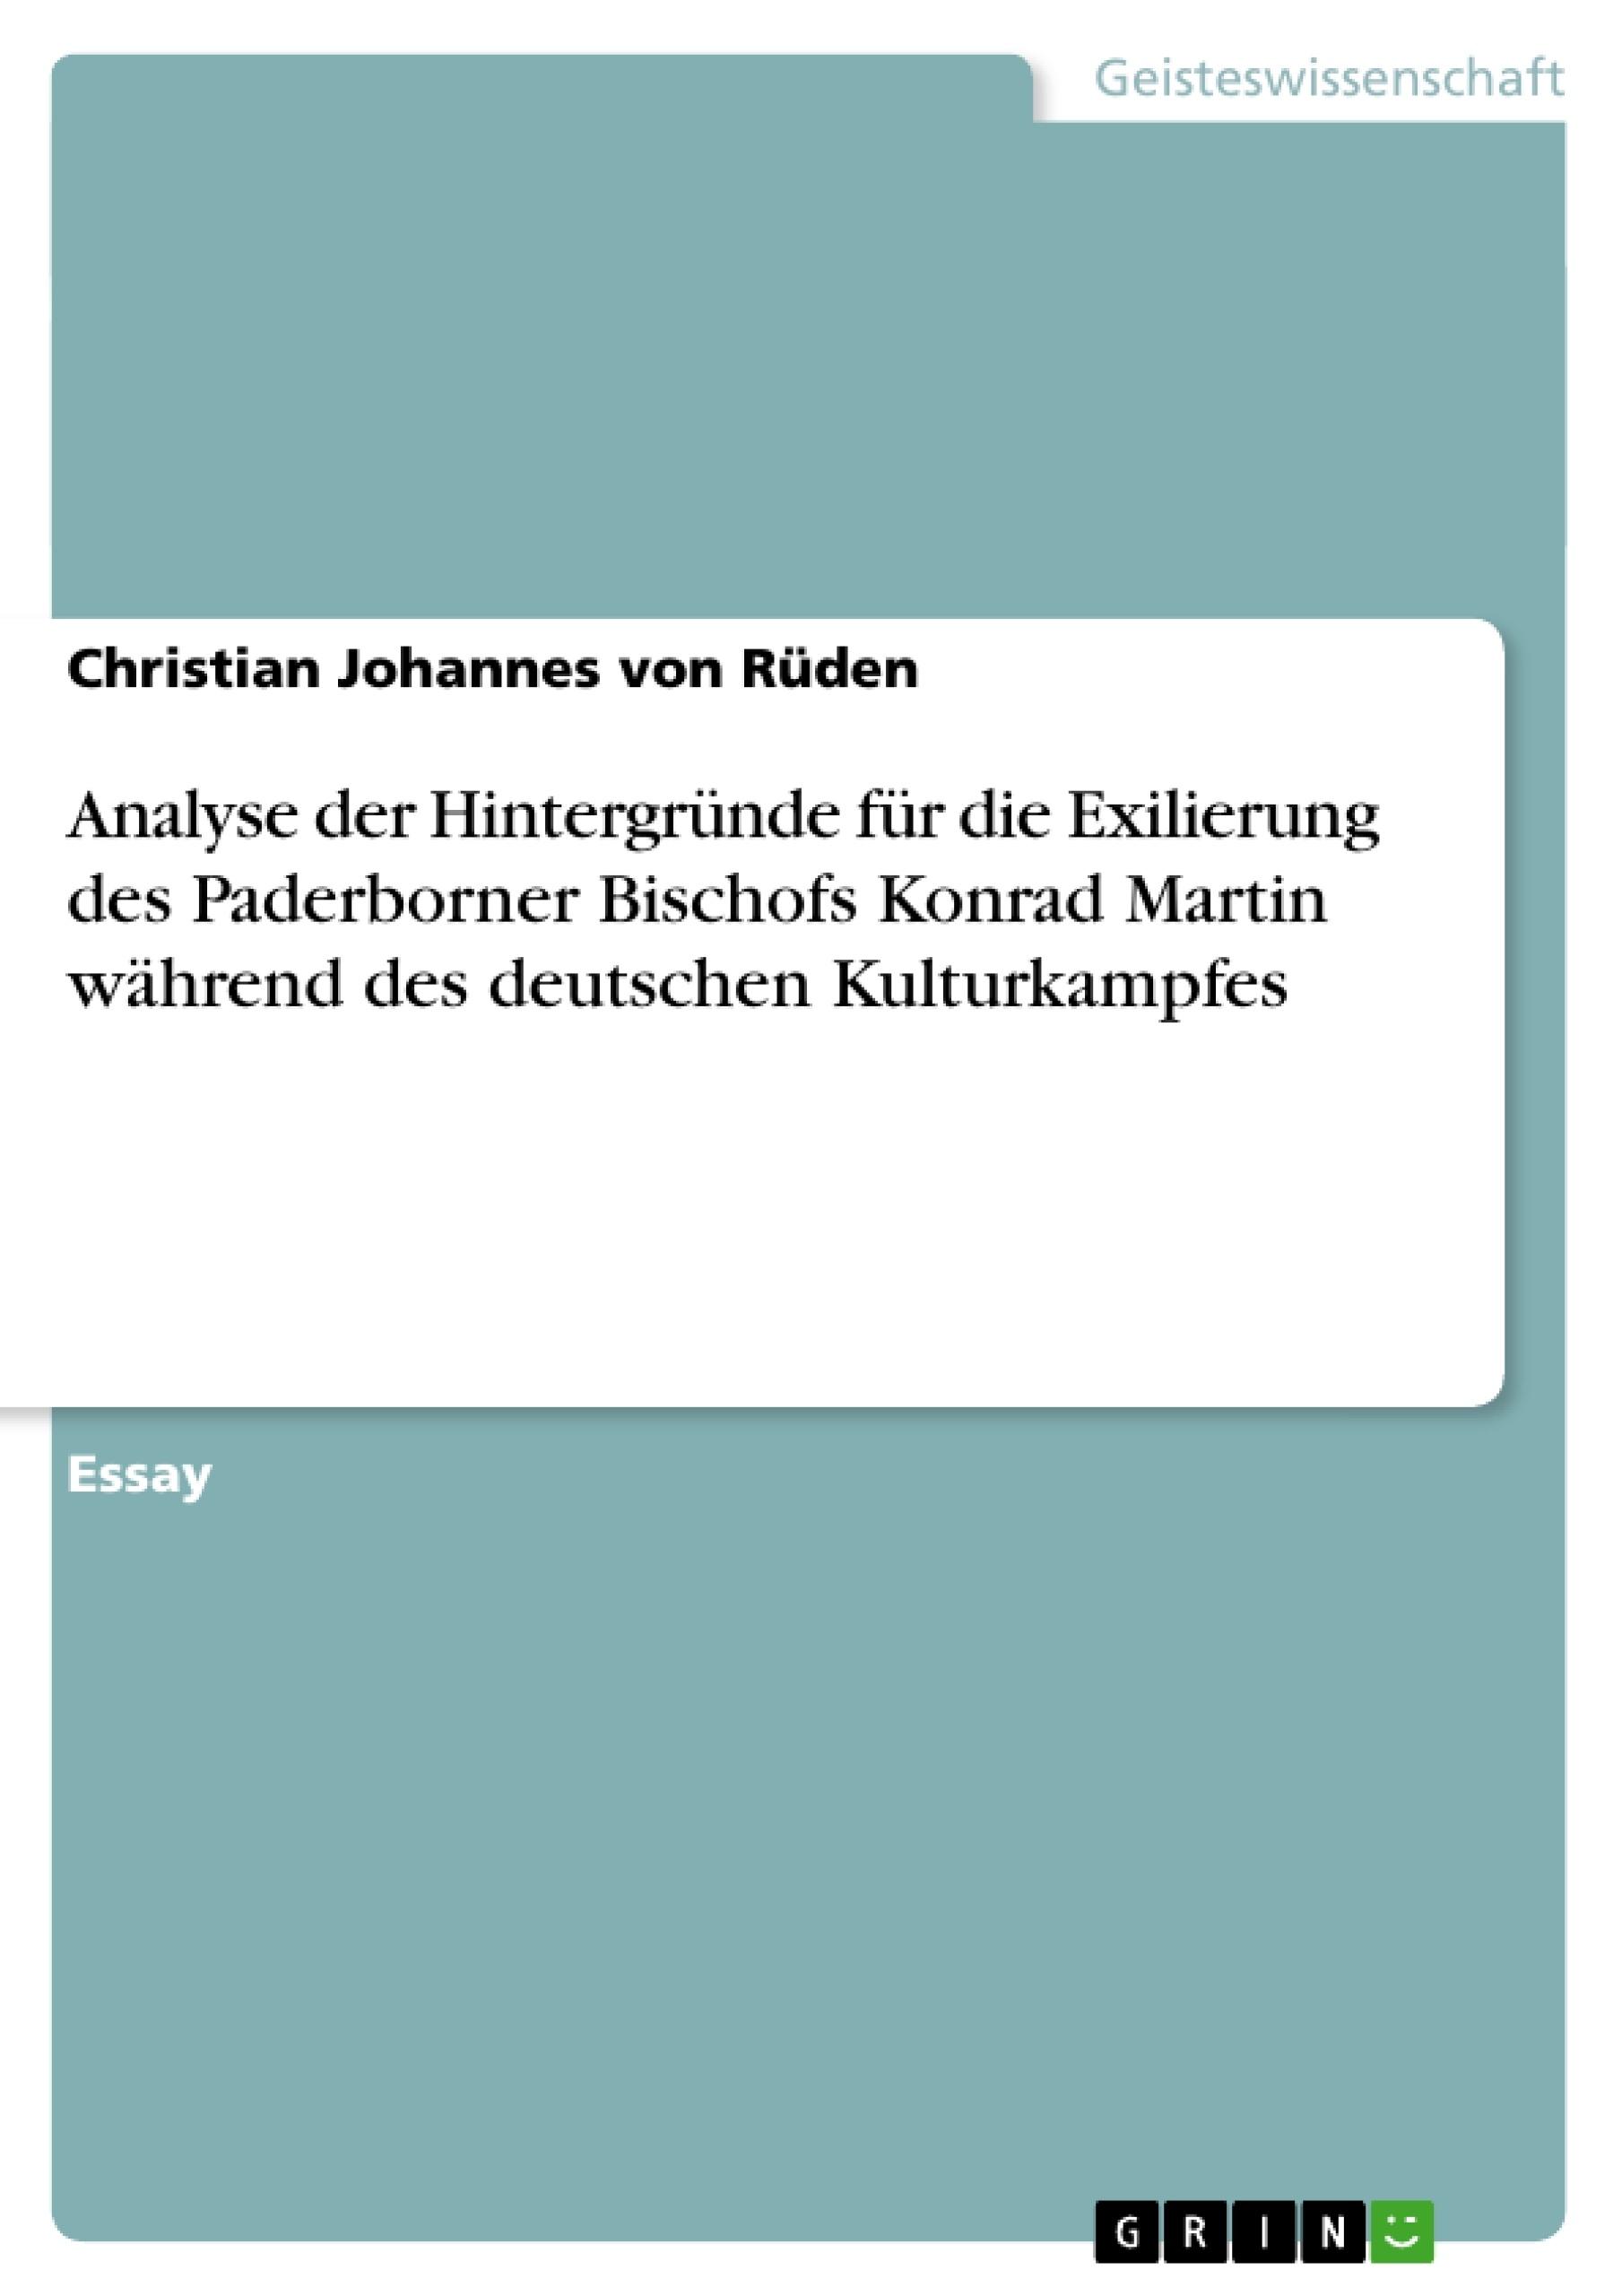 Titel: Analyse der Hintergründe für die Exilierung des Paderborner Bischofs Konrad Martin während des deutschen Kulturkampfes